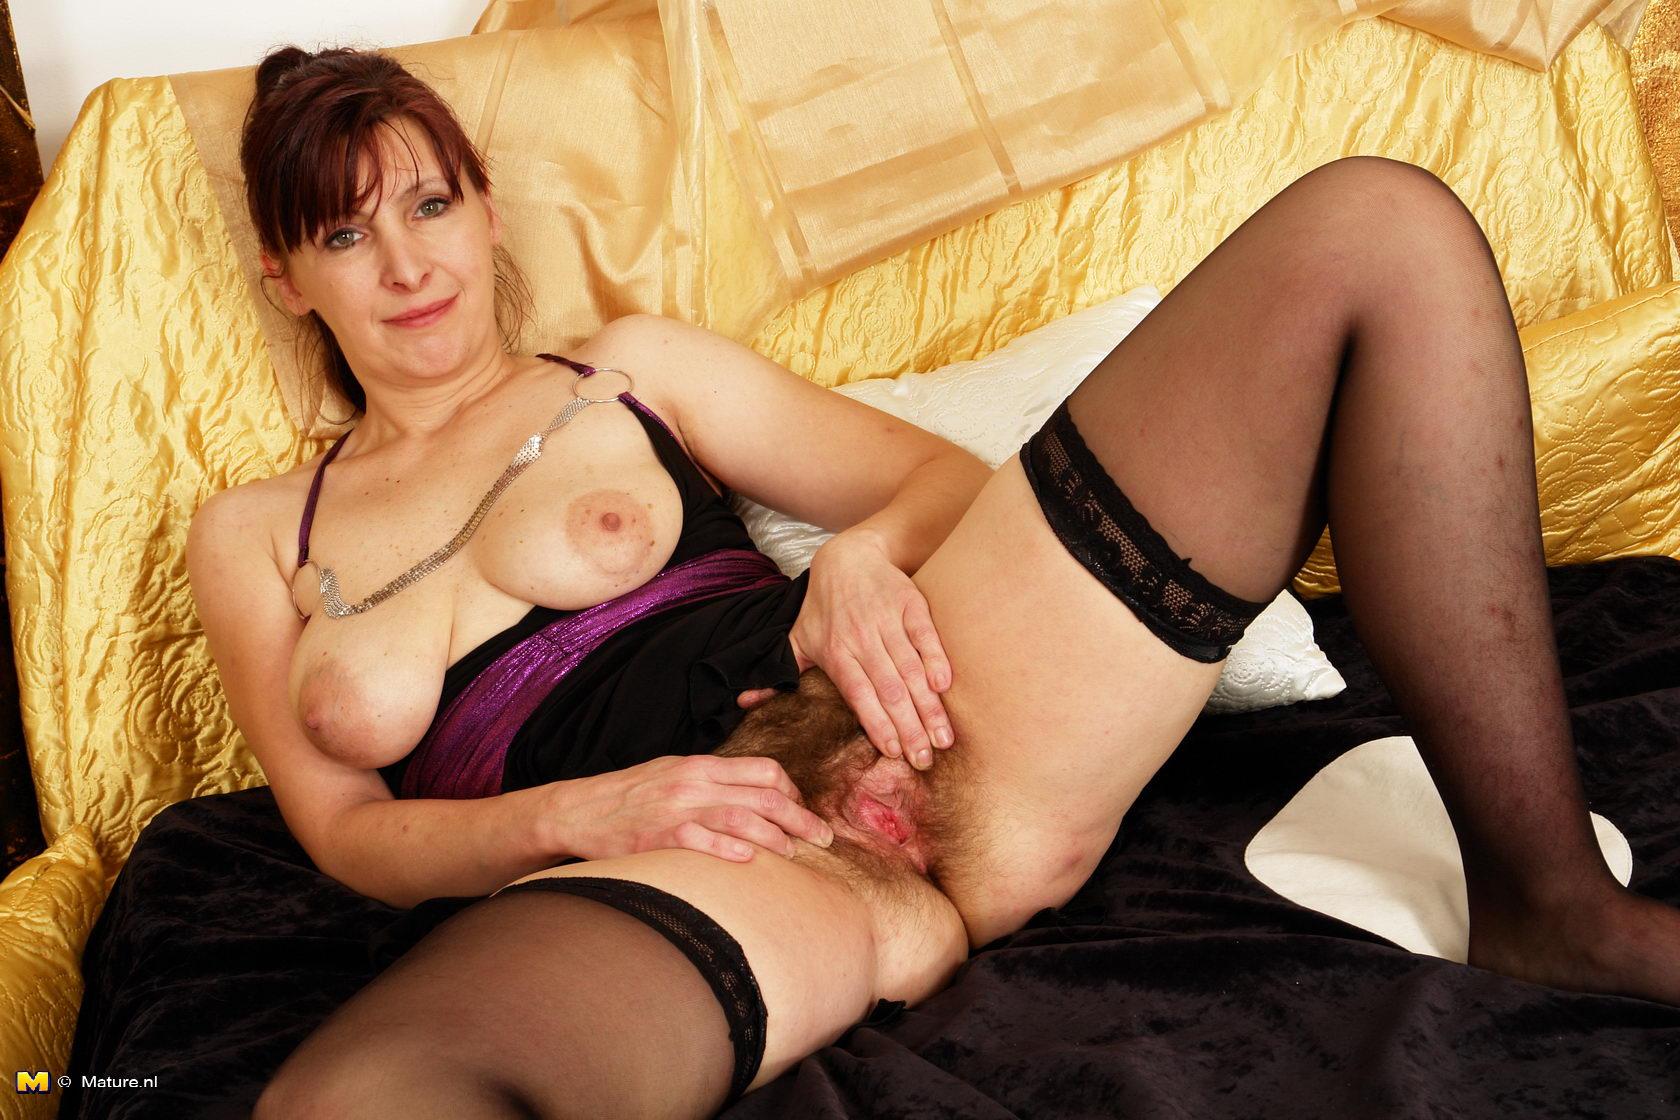 Фото зрелая дала, Голые зрелые женщины - фото голых зрелых 4 фотография